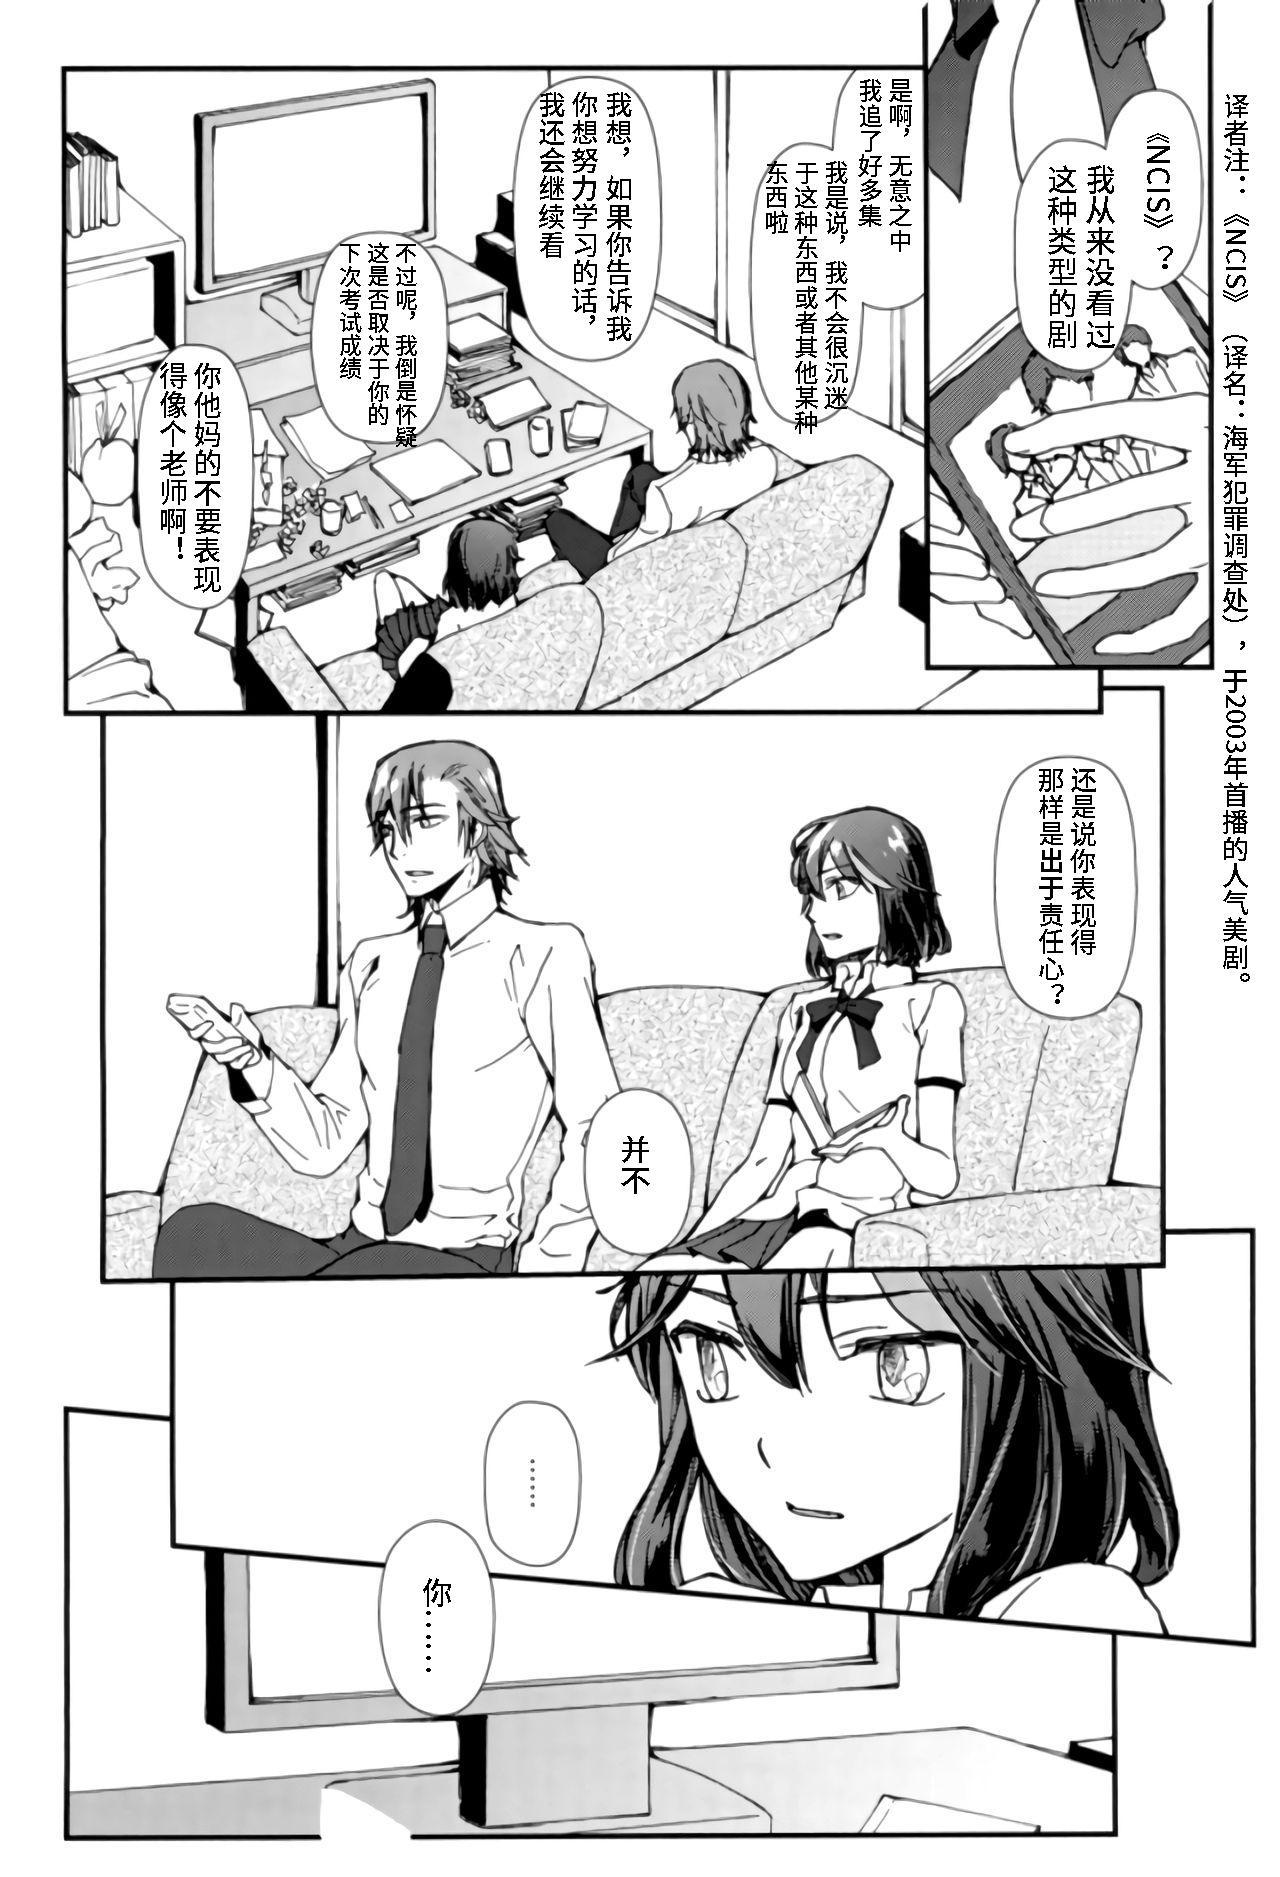 Sekai de Ichiban Kimi ga Suki 23